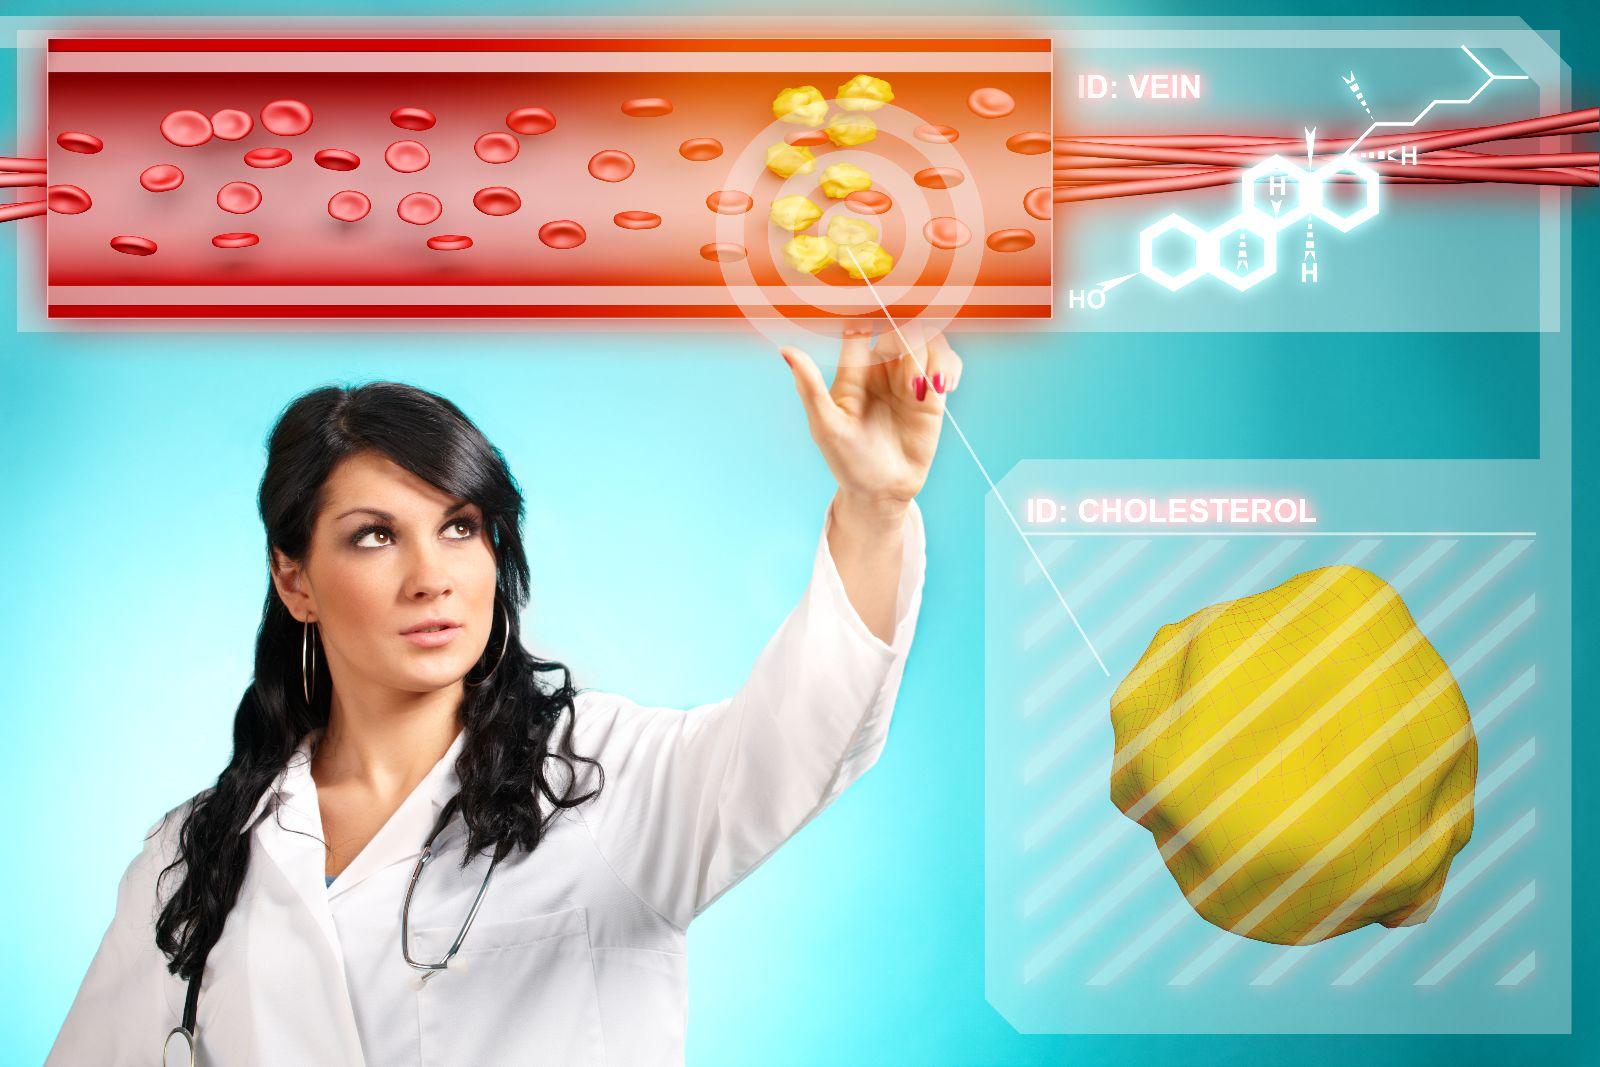 Mujer tocando pantalla virtual que despliega una vena con colesterol